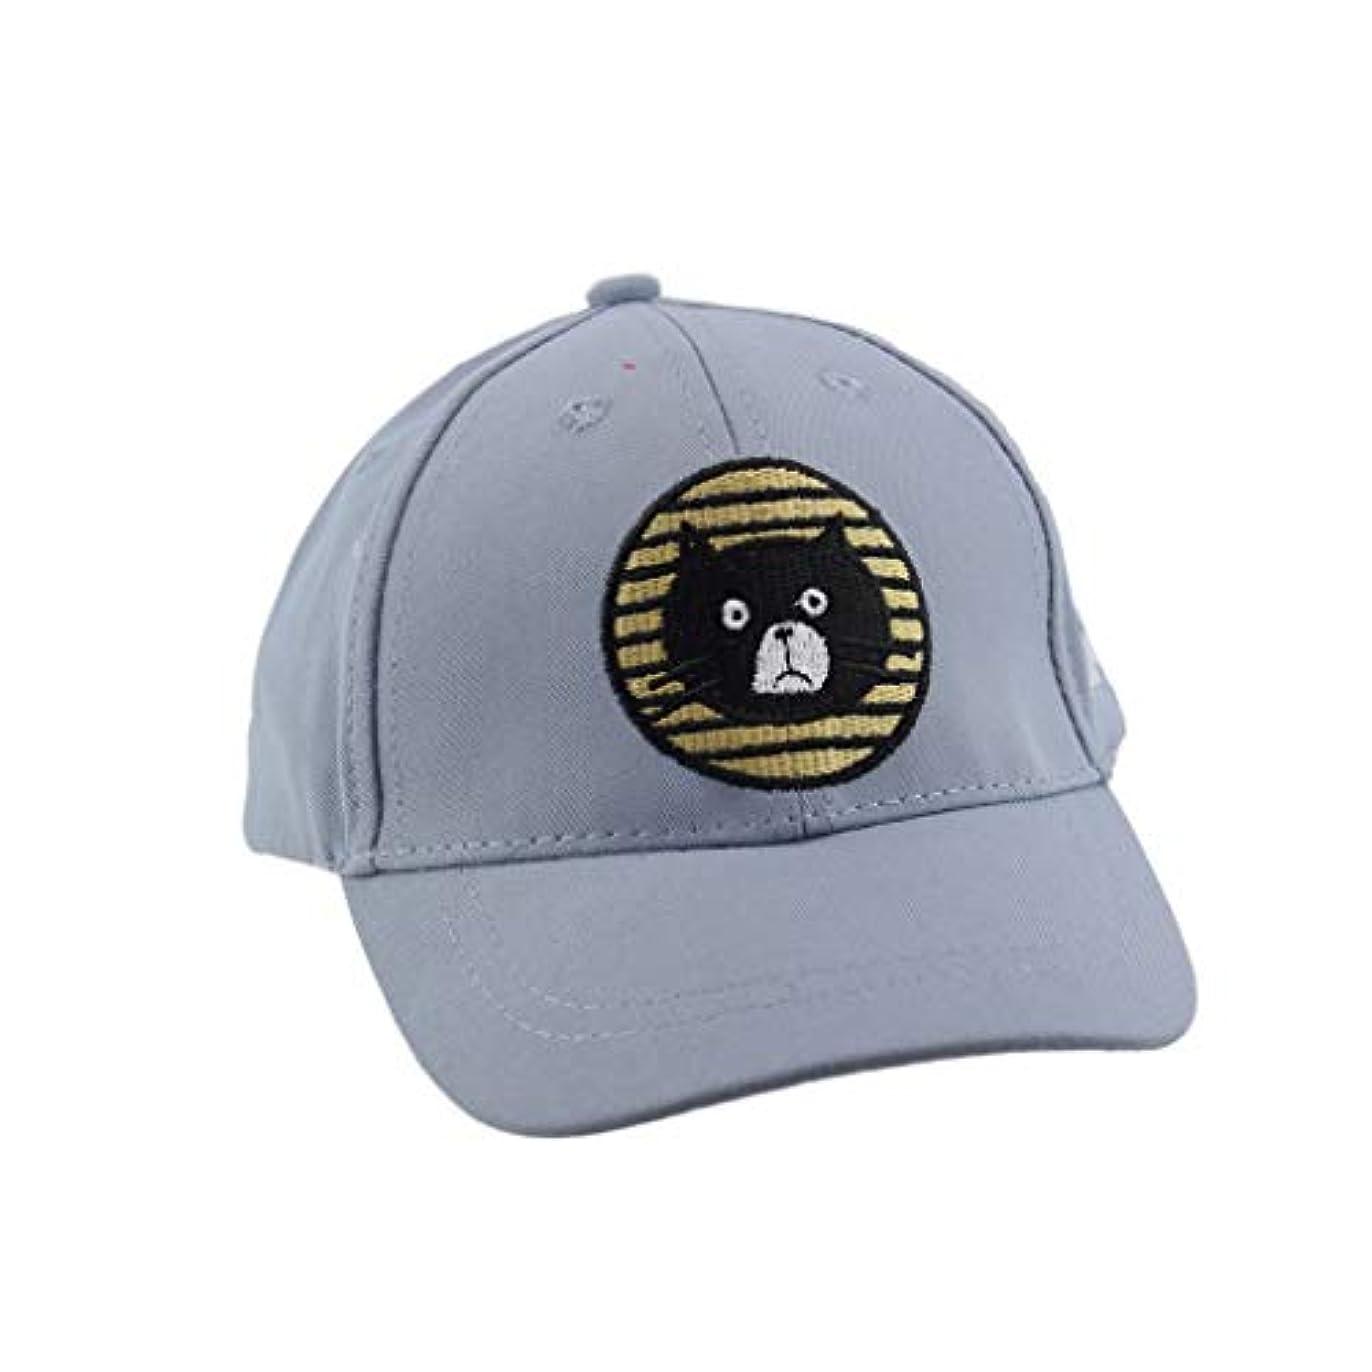 Kaiweini 春夏新しい漁夫帽子供しゃれ ベビー帽 通気性抜群 日除け UVカット 紫外線対策スポーツ帽子男女兼用 速乾 軽薄 日よけ野球帽